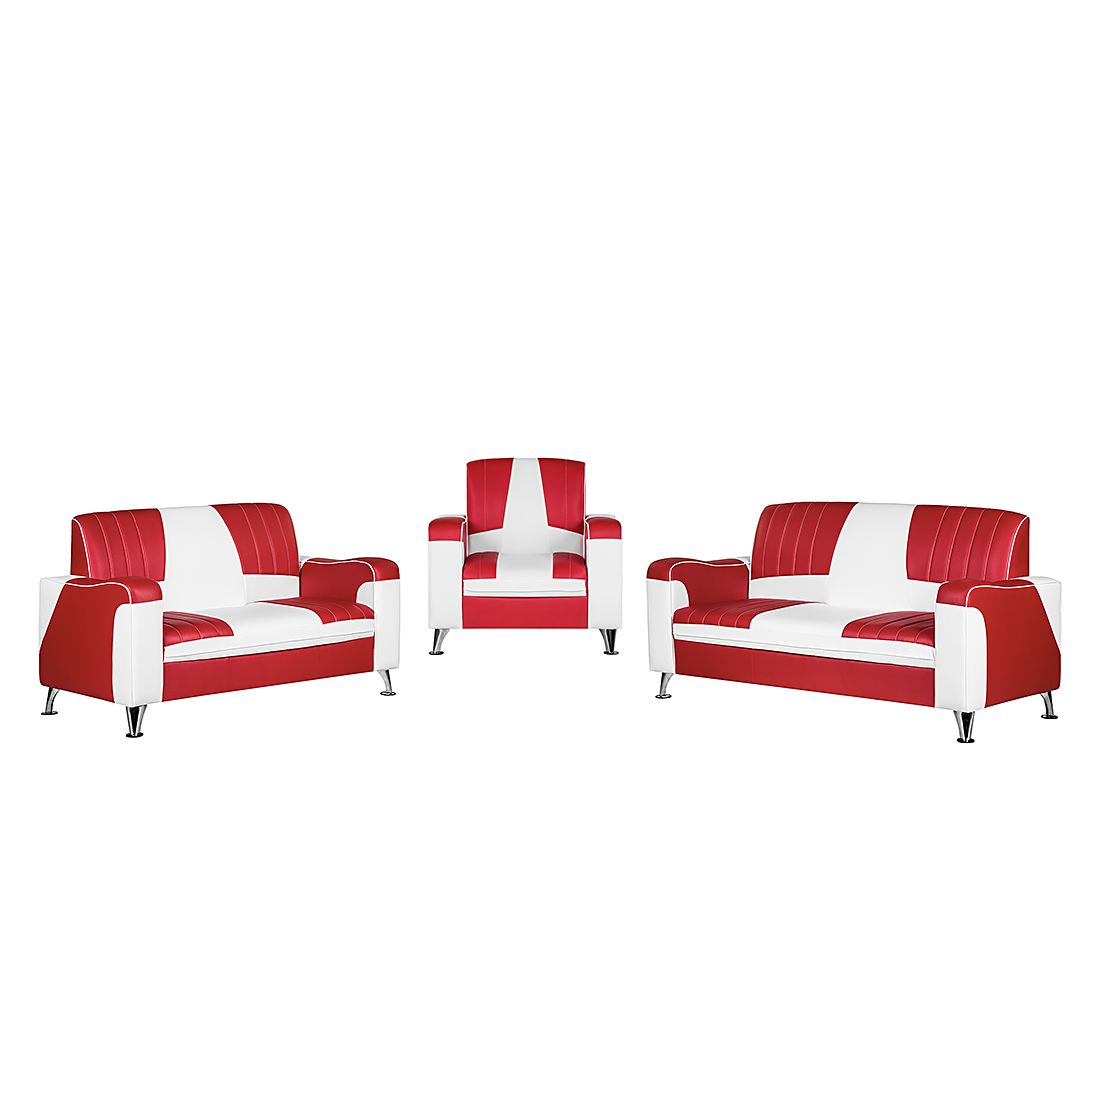 goedkoop Gestoffeerde meubelset Nixa 3zitsbank 2zitsbank en fauteuil rood wit kunstleer Studio Monroe